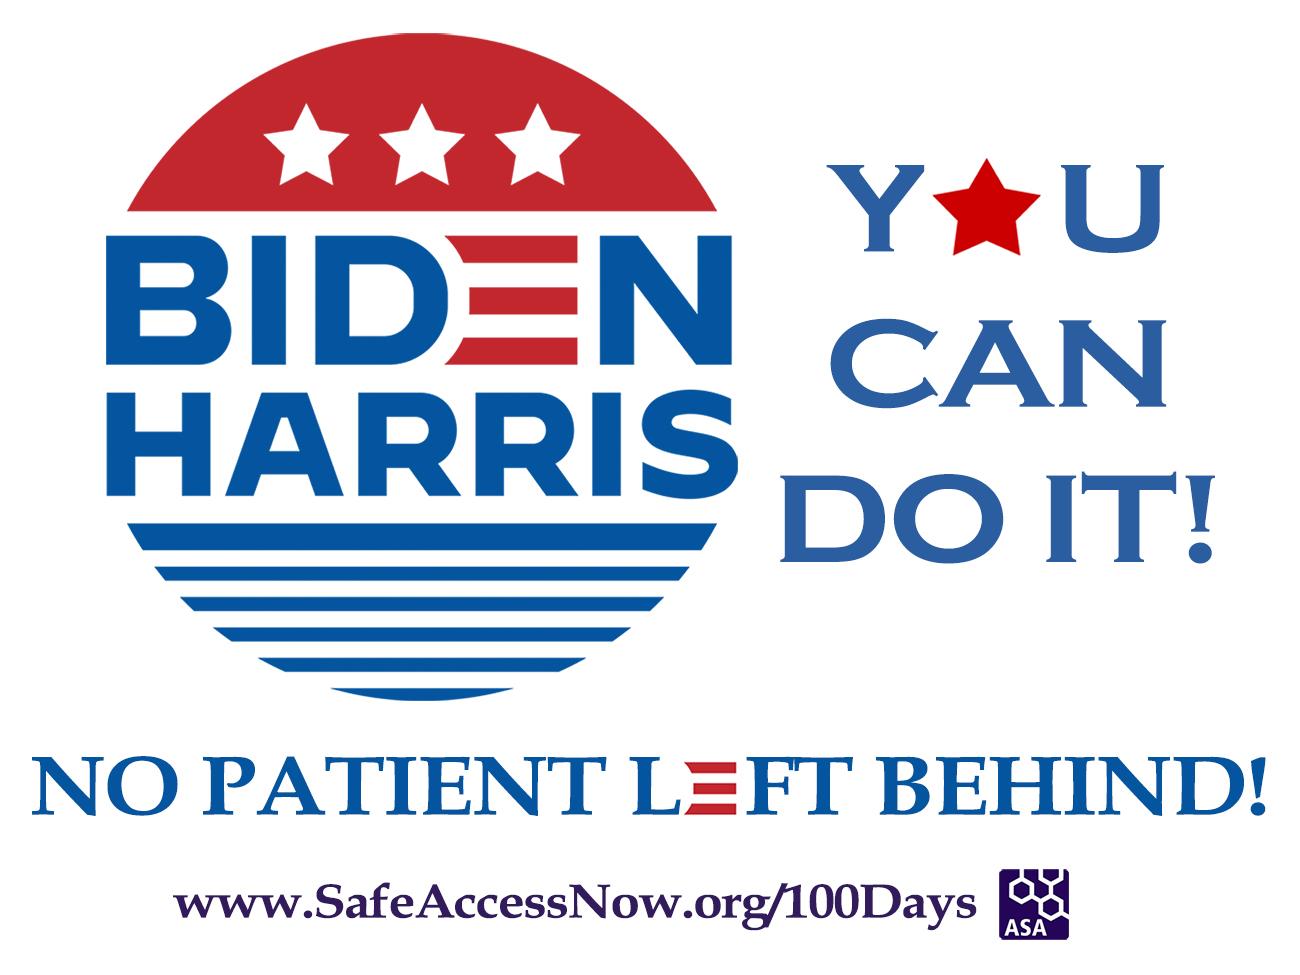 Biden-Harris You Can Do It!